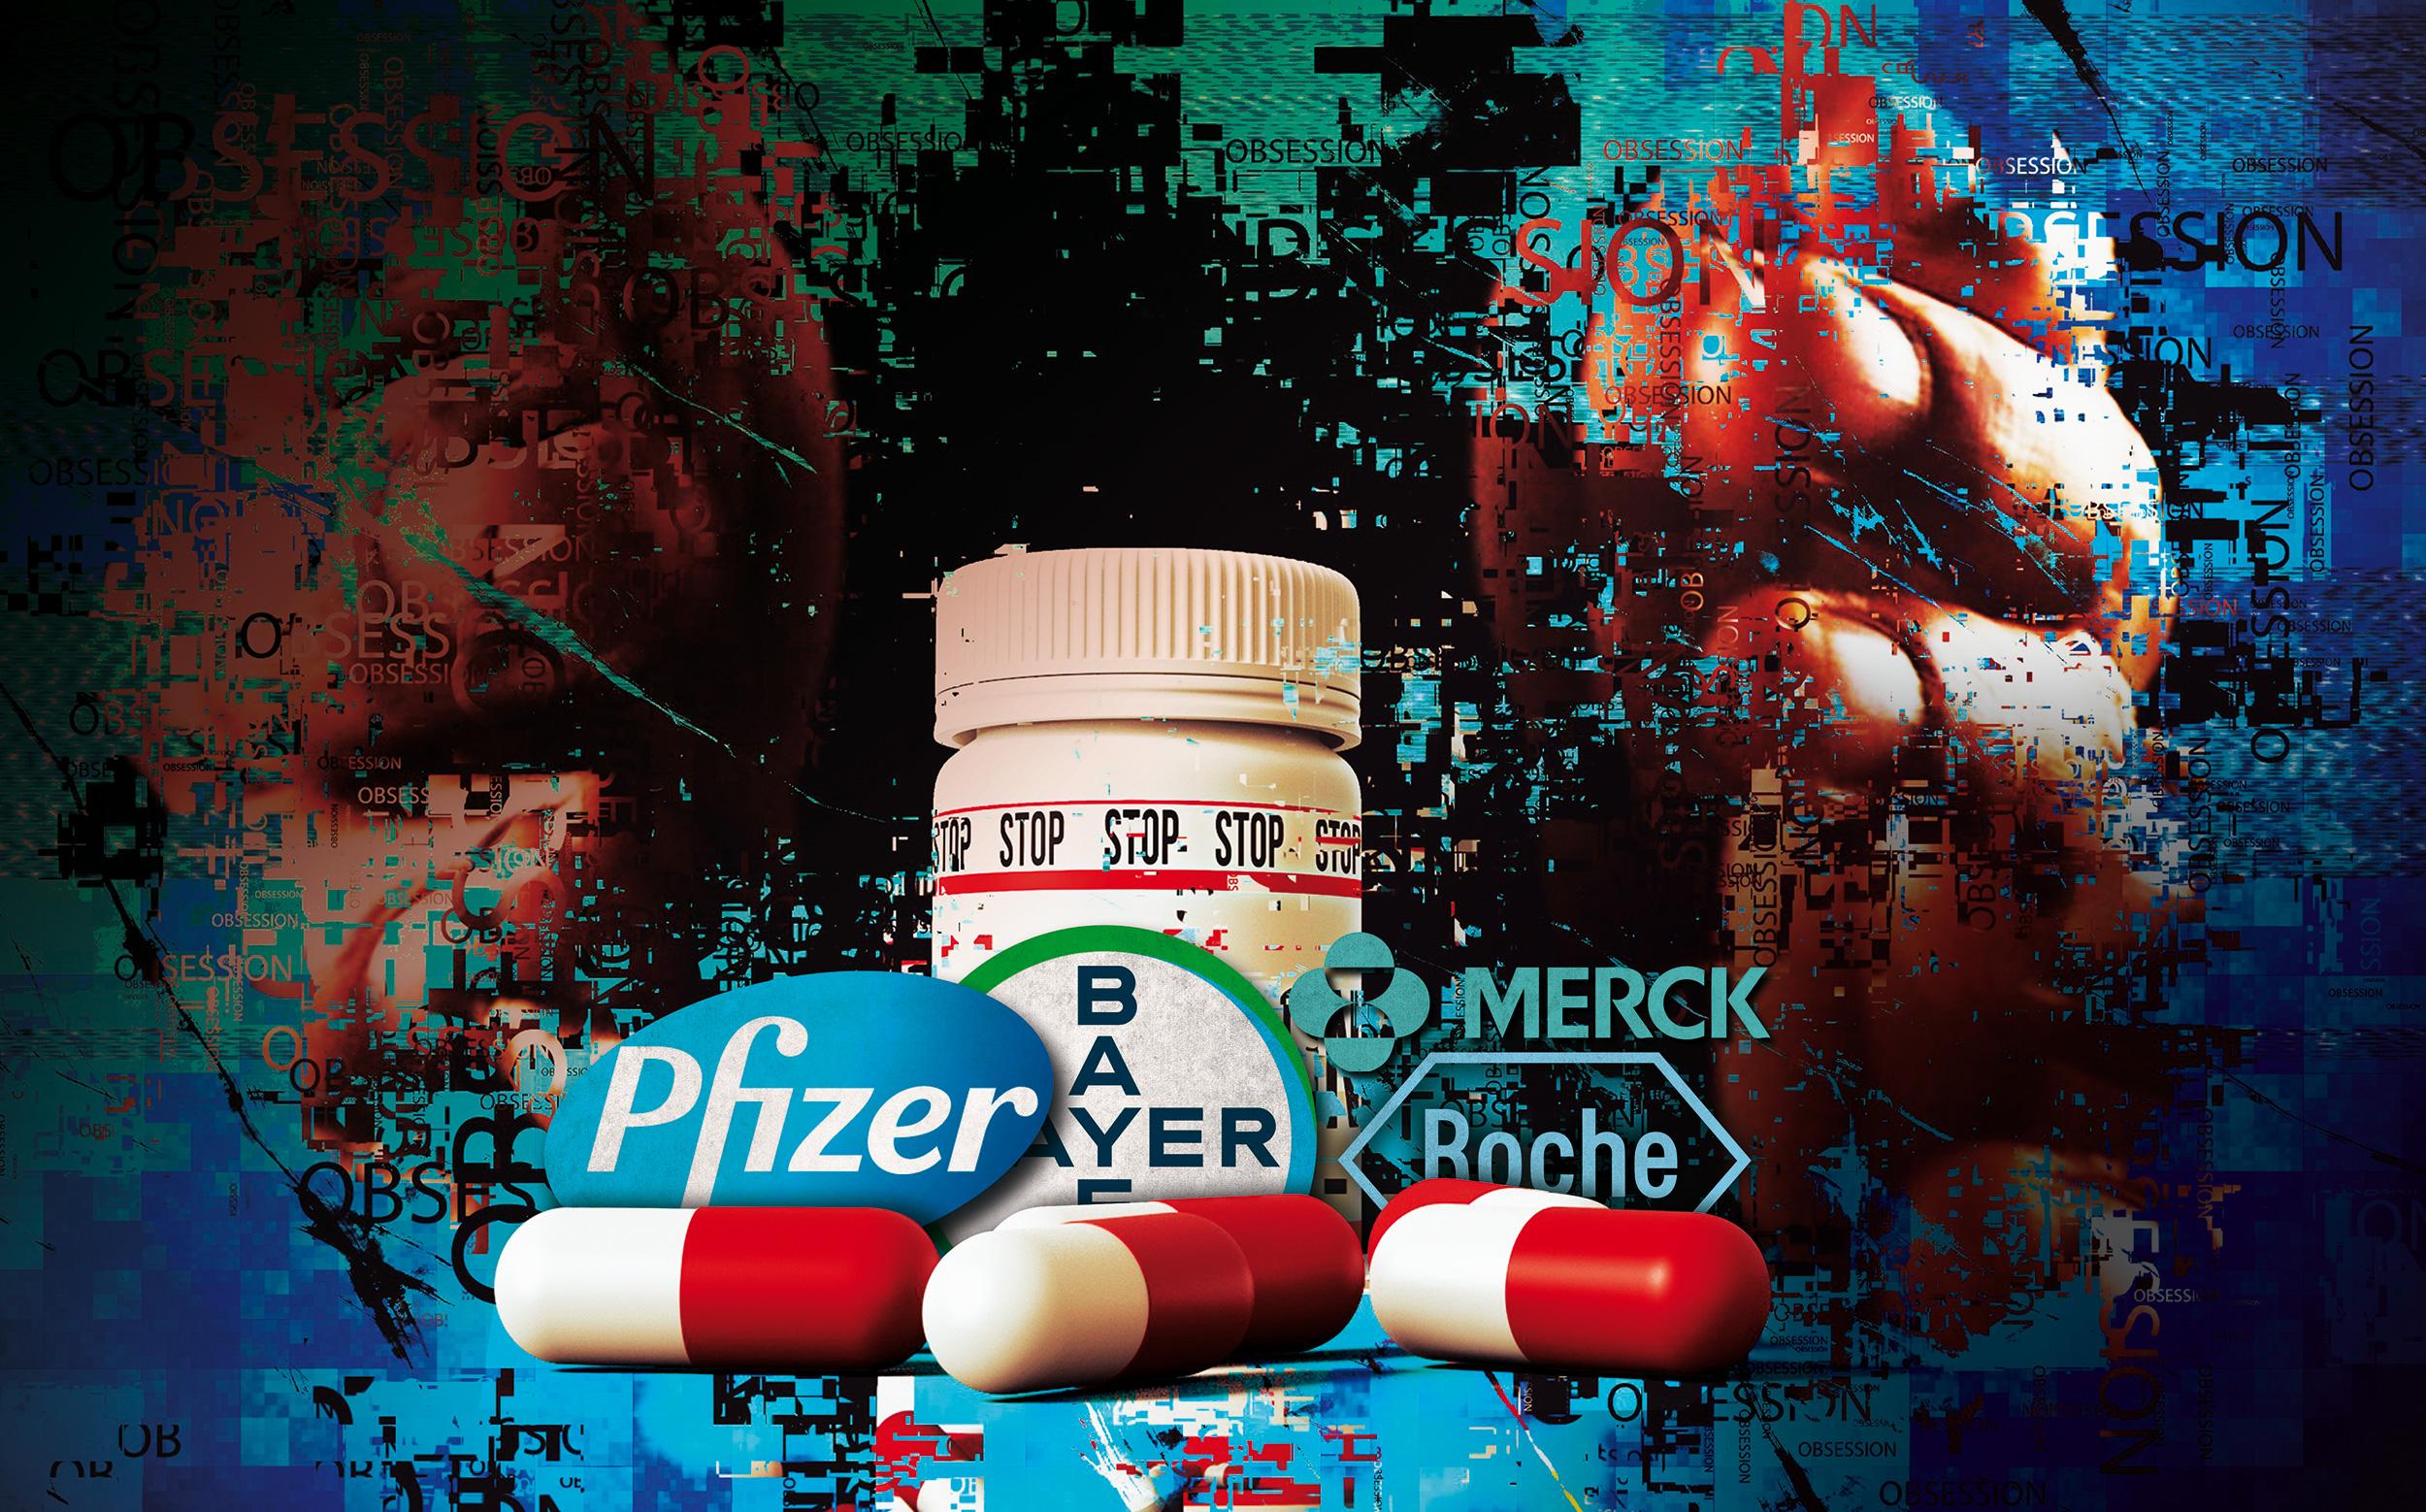 Medikamentenabhängigkeit - Die legale Sucht